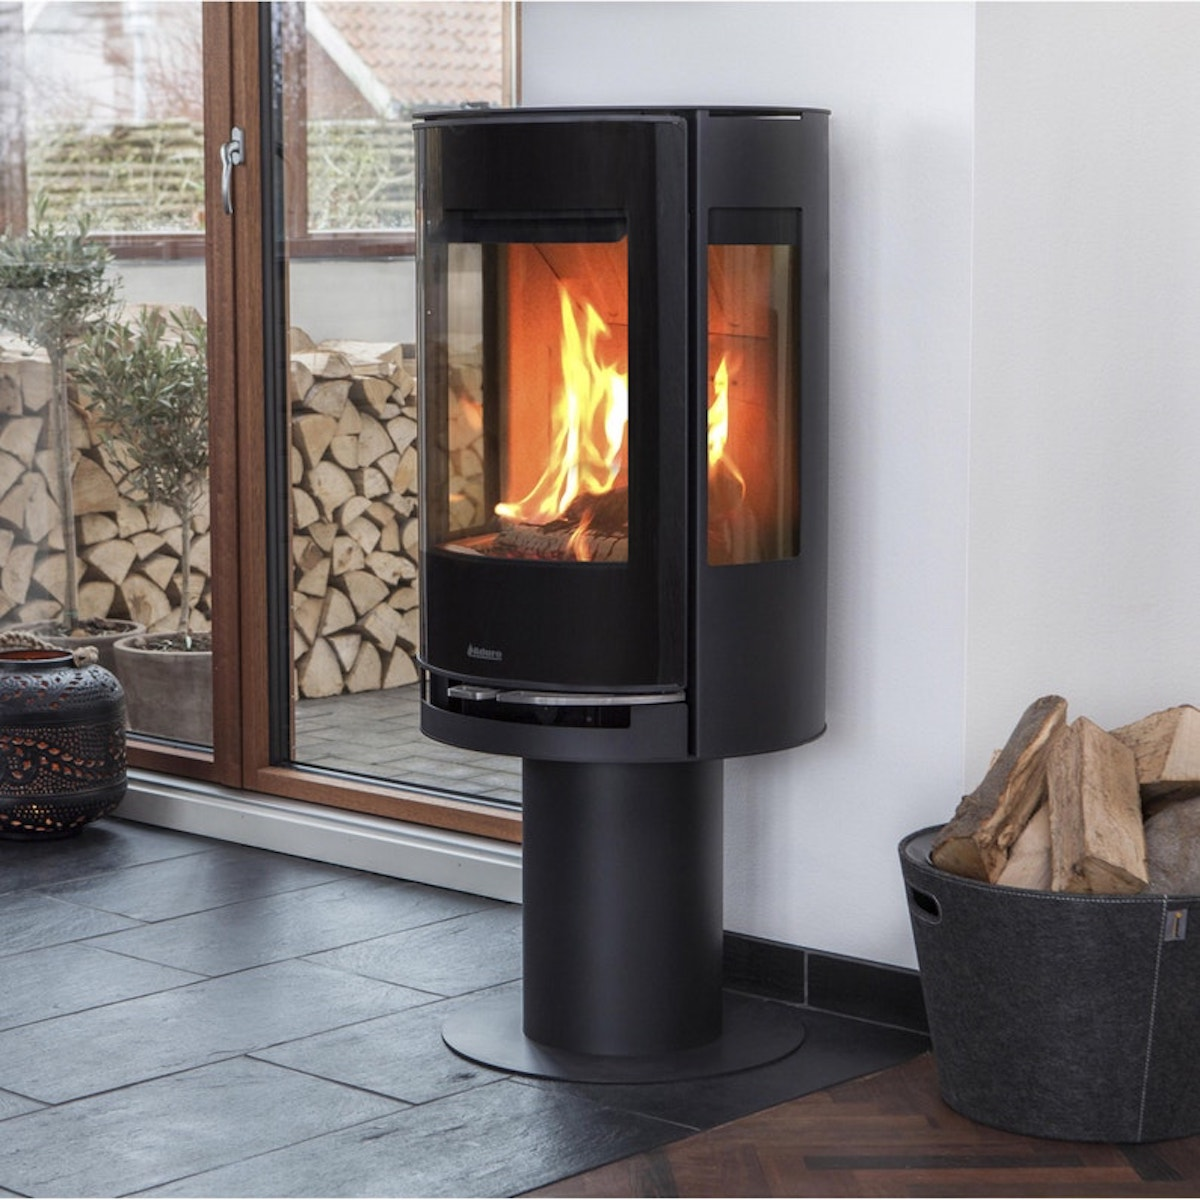 bois cheminée économique éco responsable design intérieur - blog déco - clemaroundthecorner